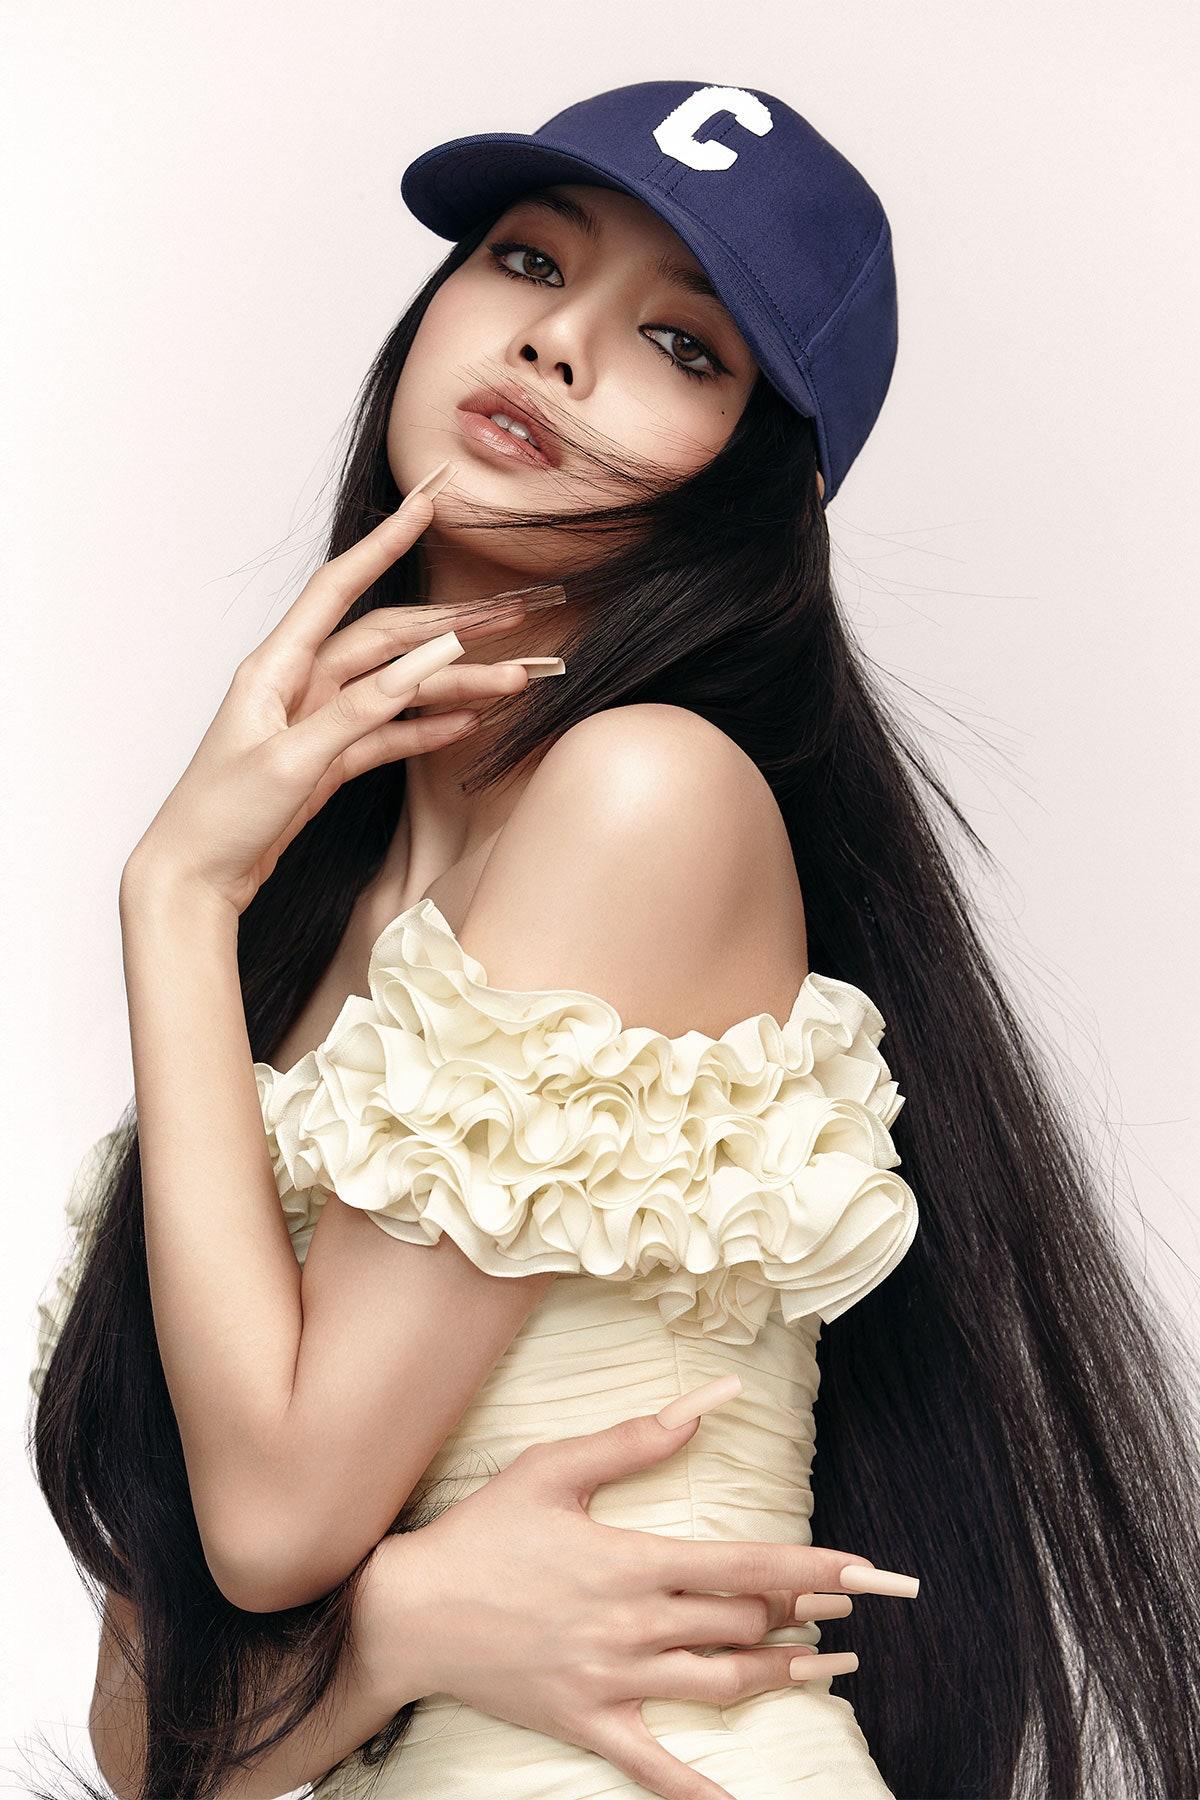 Blackpink's Lisa covers Vogue Japan June 2021 by Kim Hee June